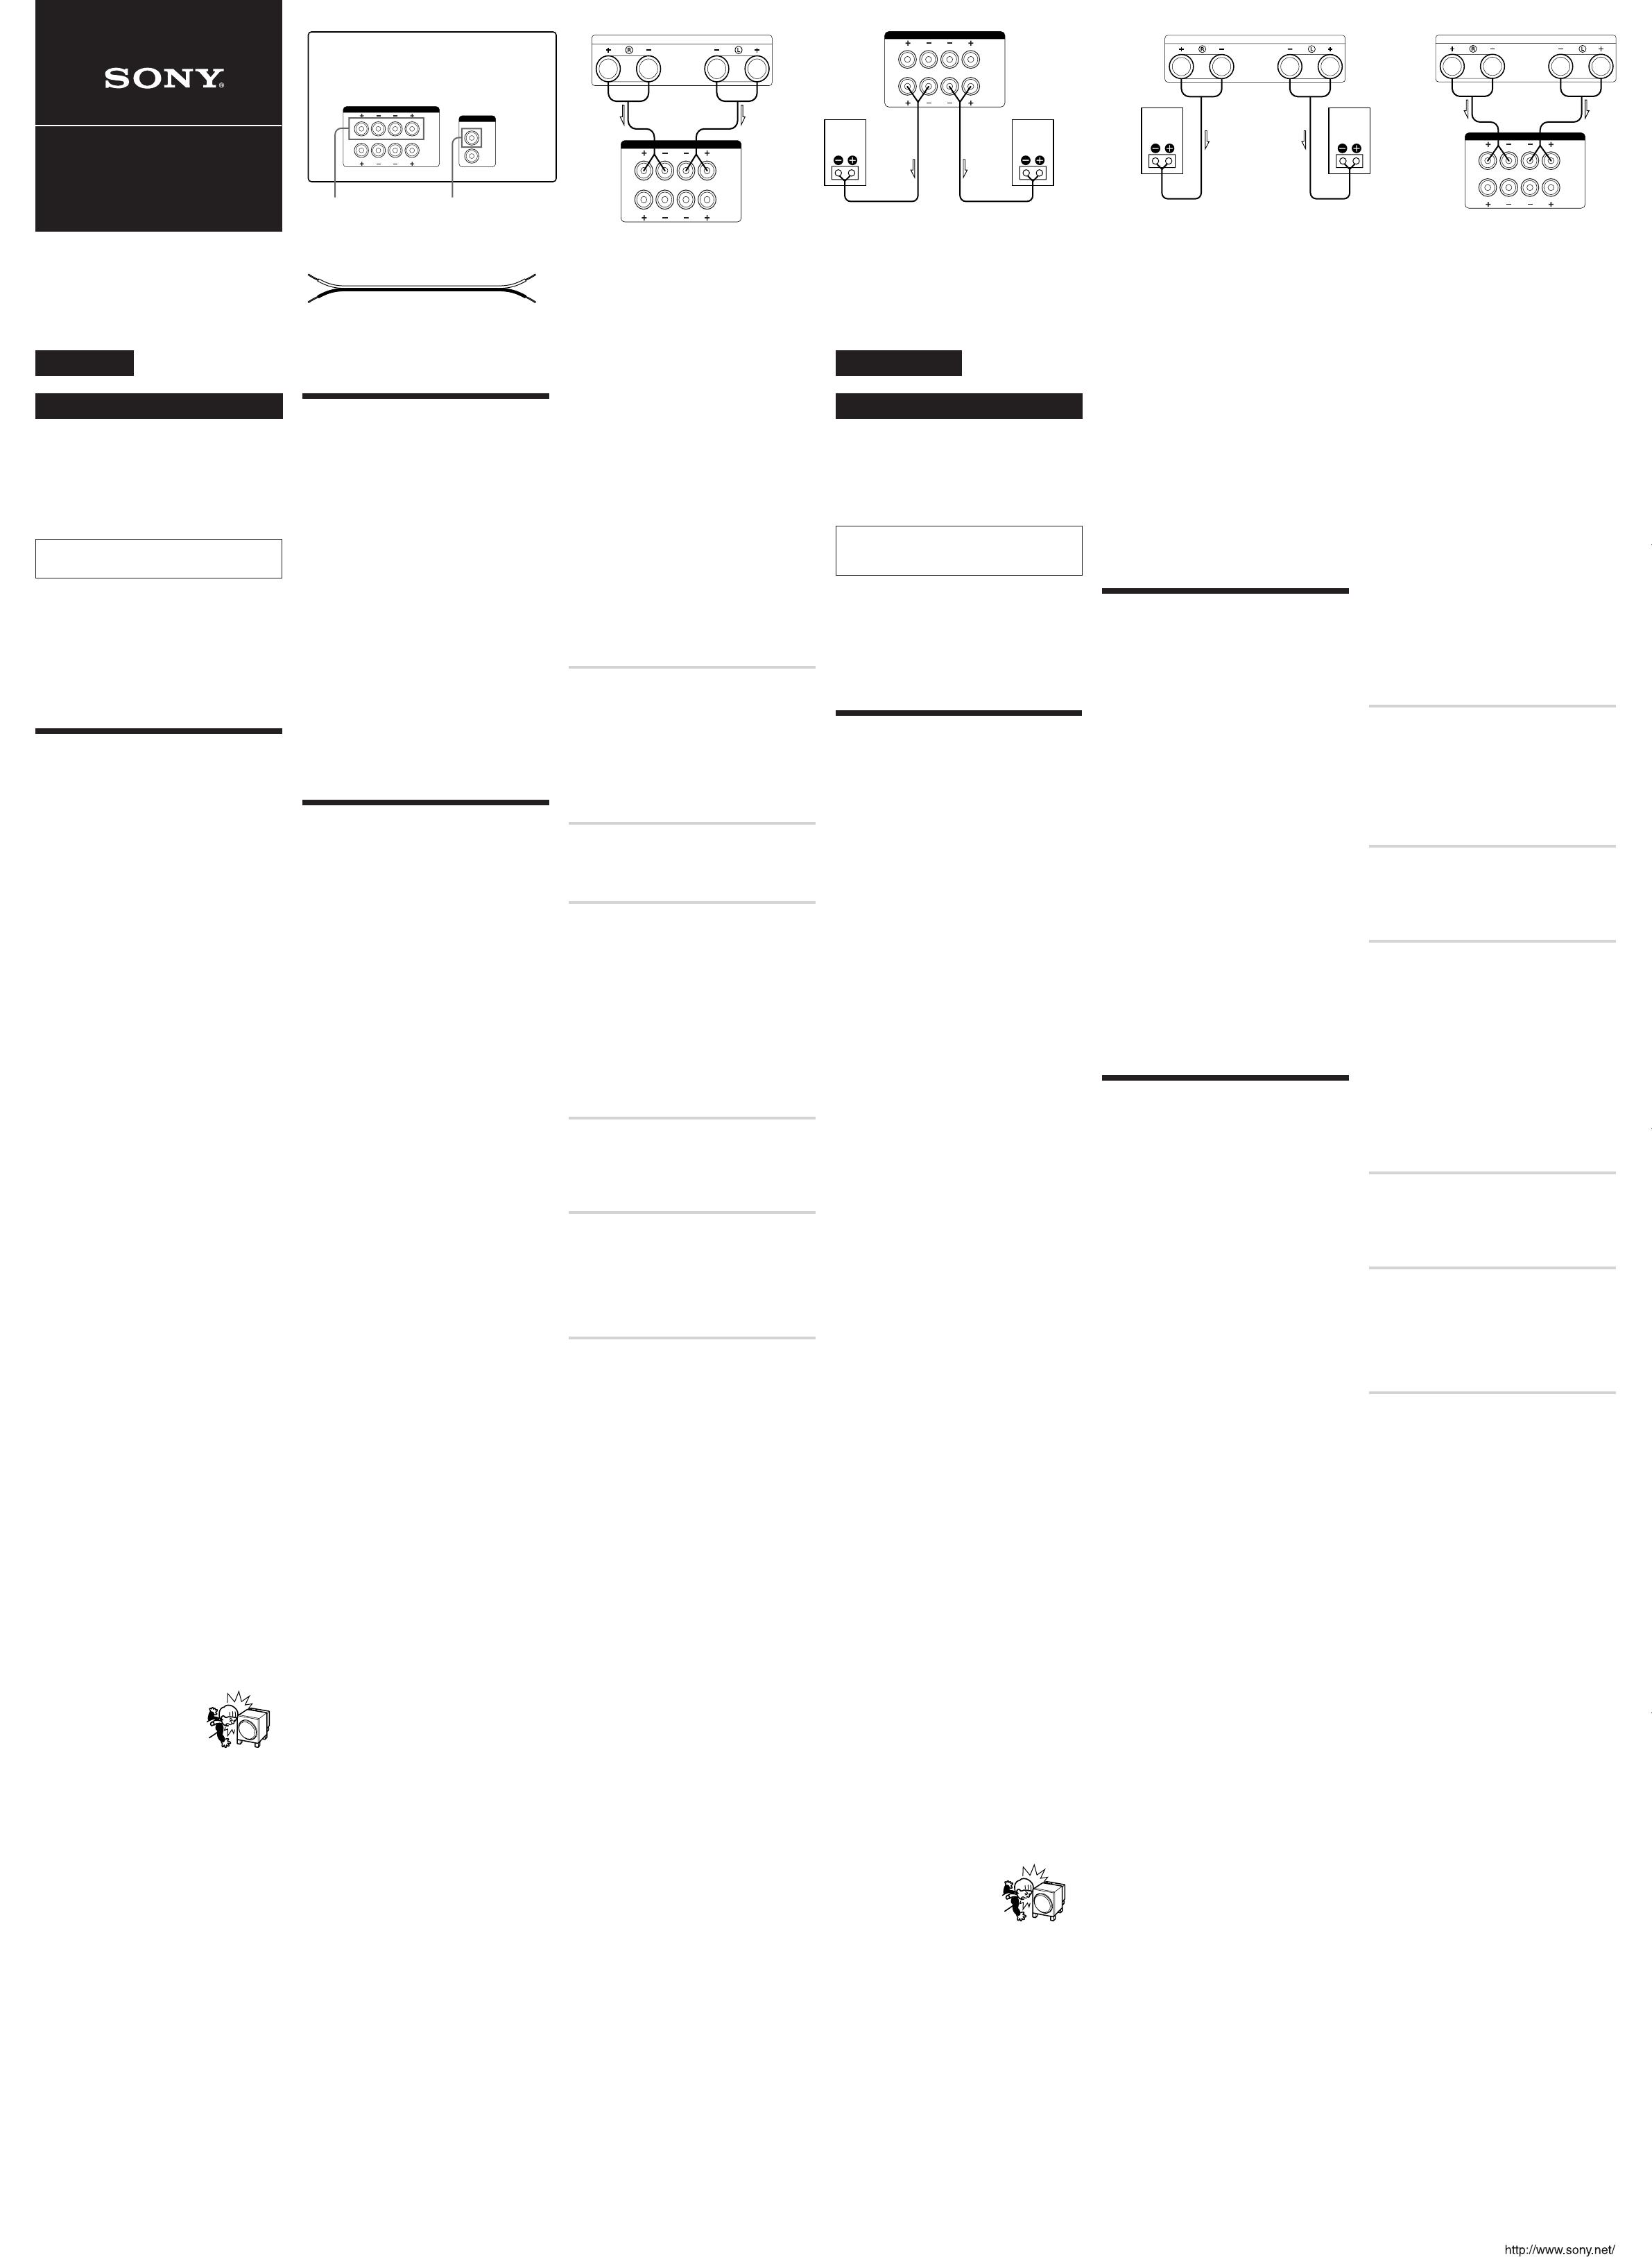 Handleiding Sony SA-WX900 (pagina 1 van 2) (Deutsch, Nederlands)